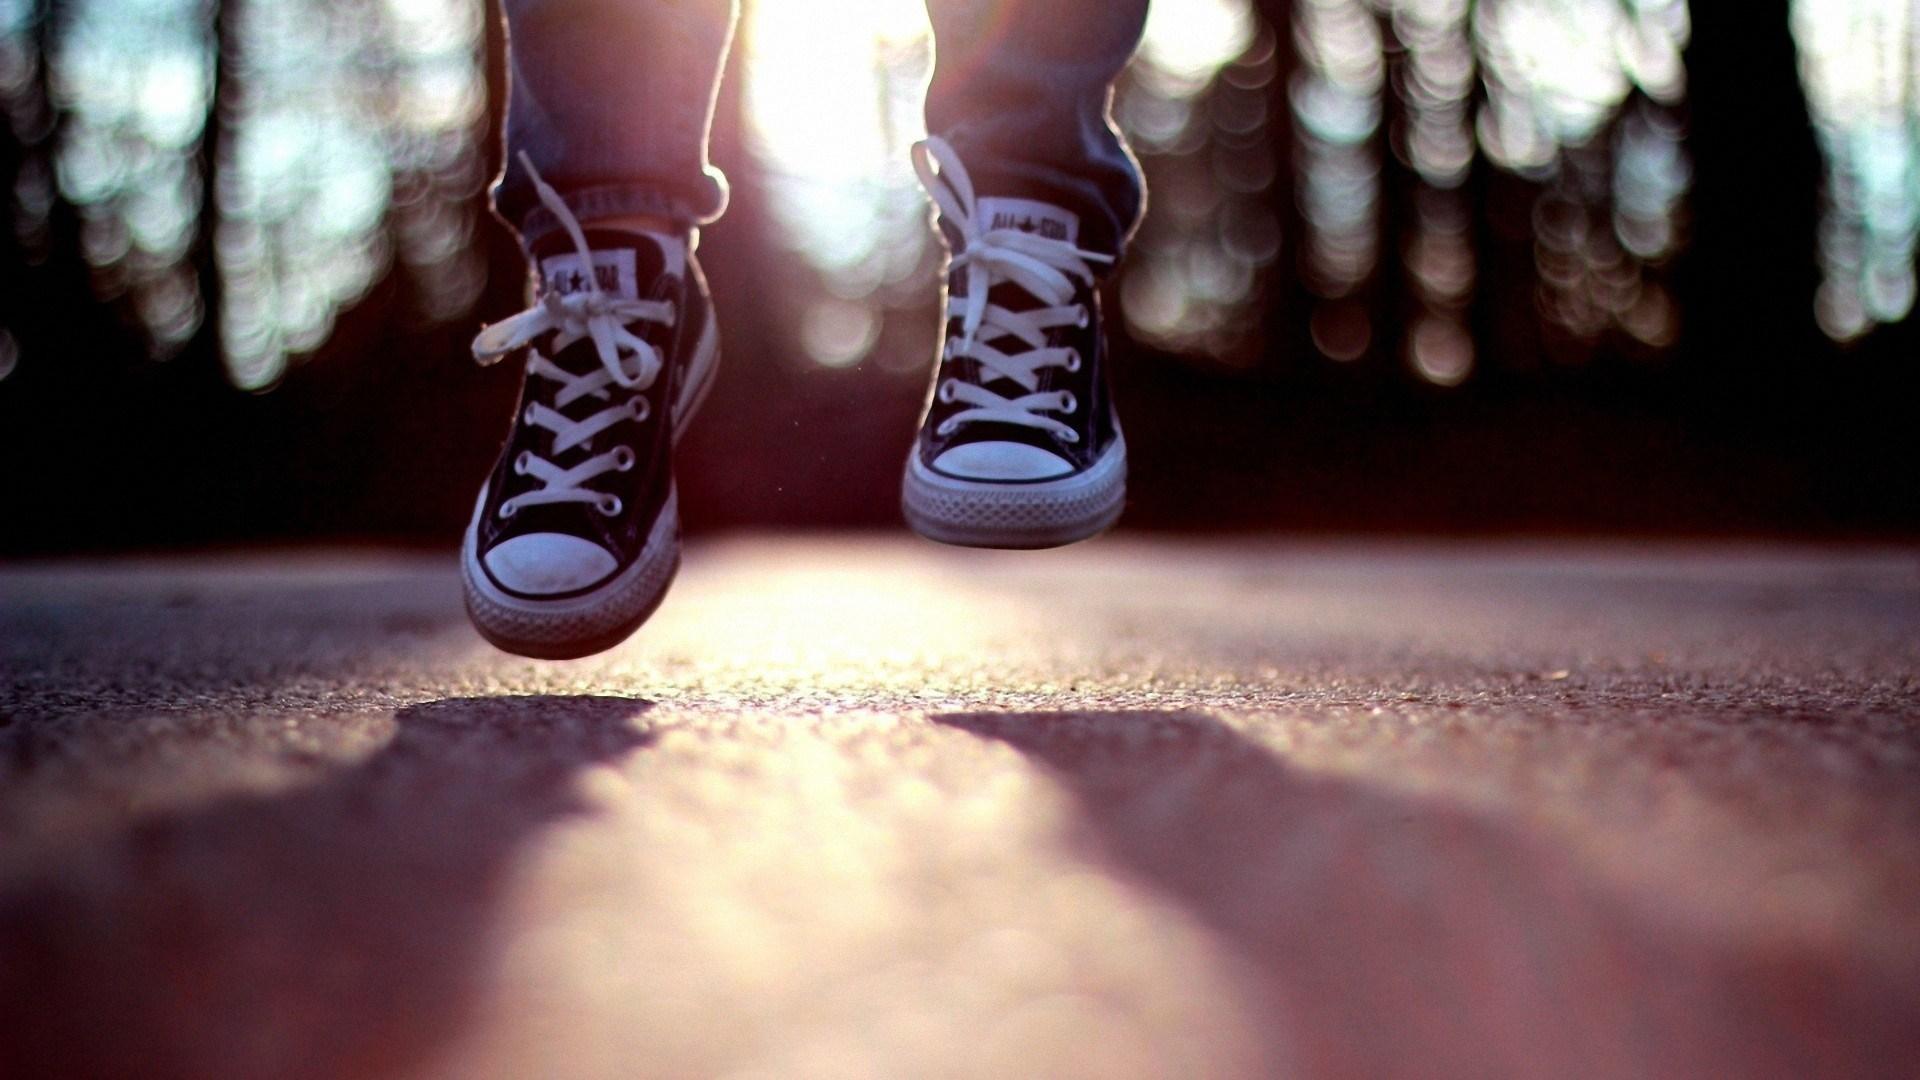 fantastic sneakers wallpaper 42376